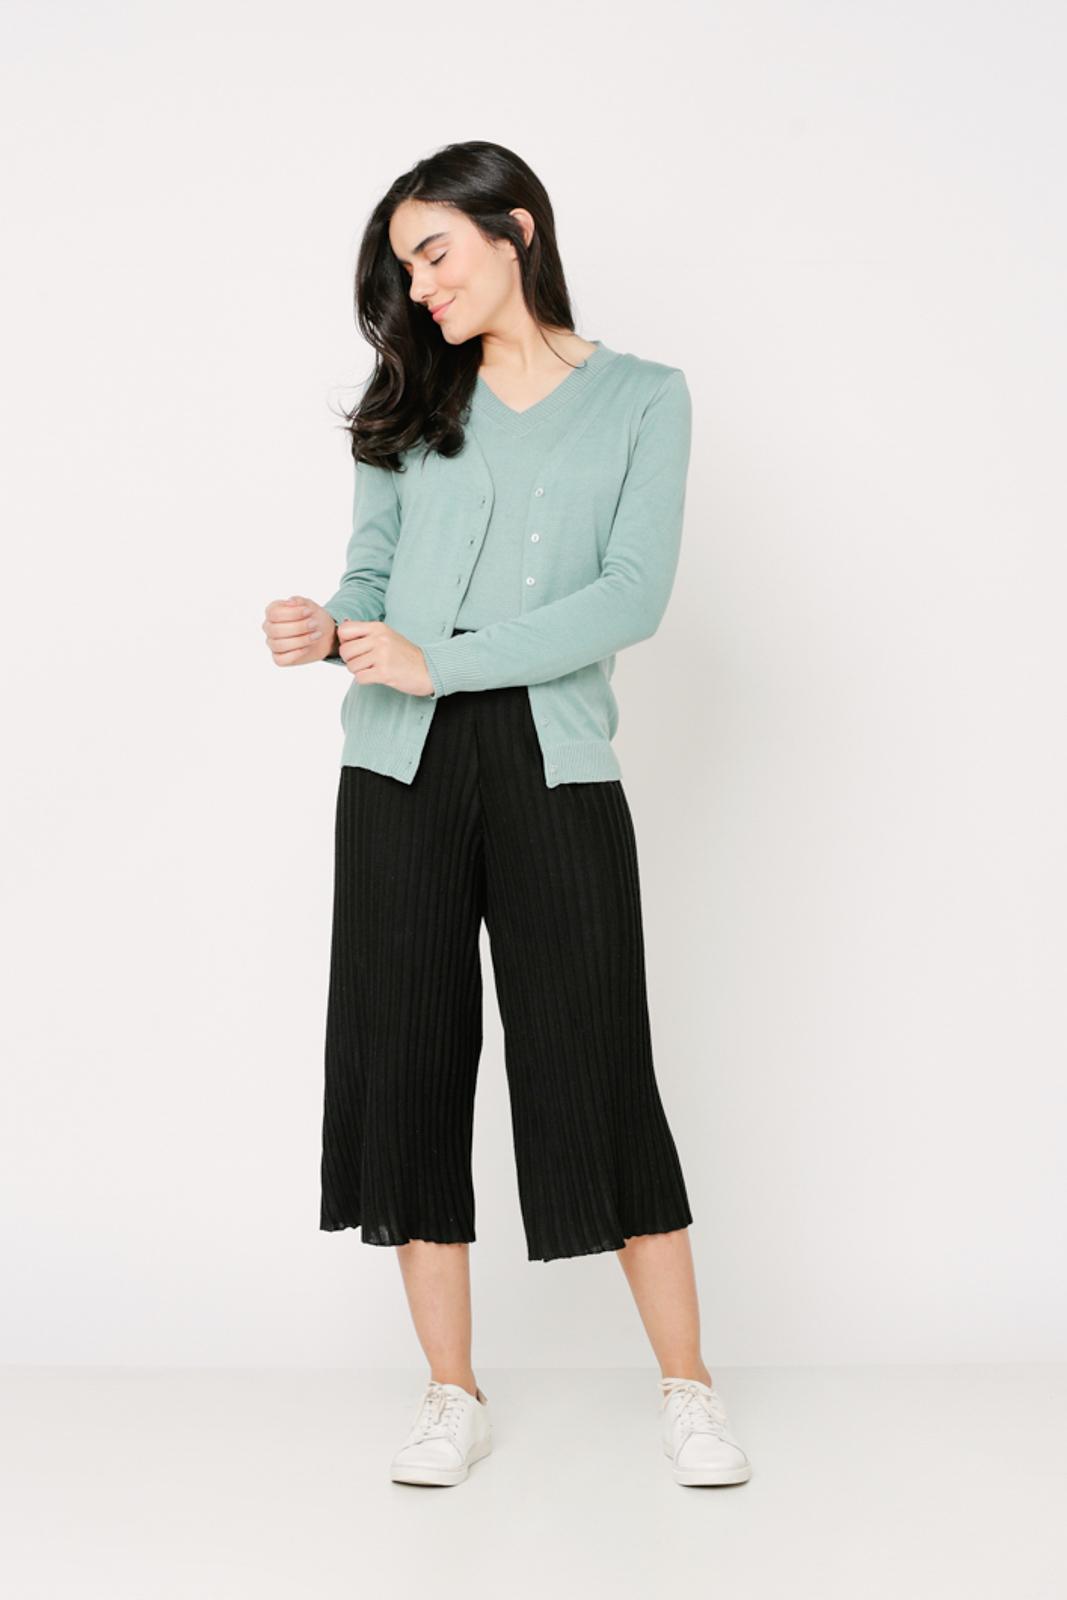 Conjunto de tricot Ralm twinset casaco básico de botões e blusa básica decote V - Verde